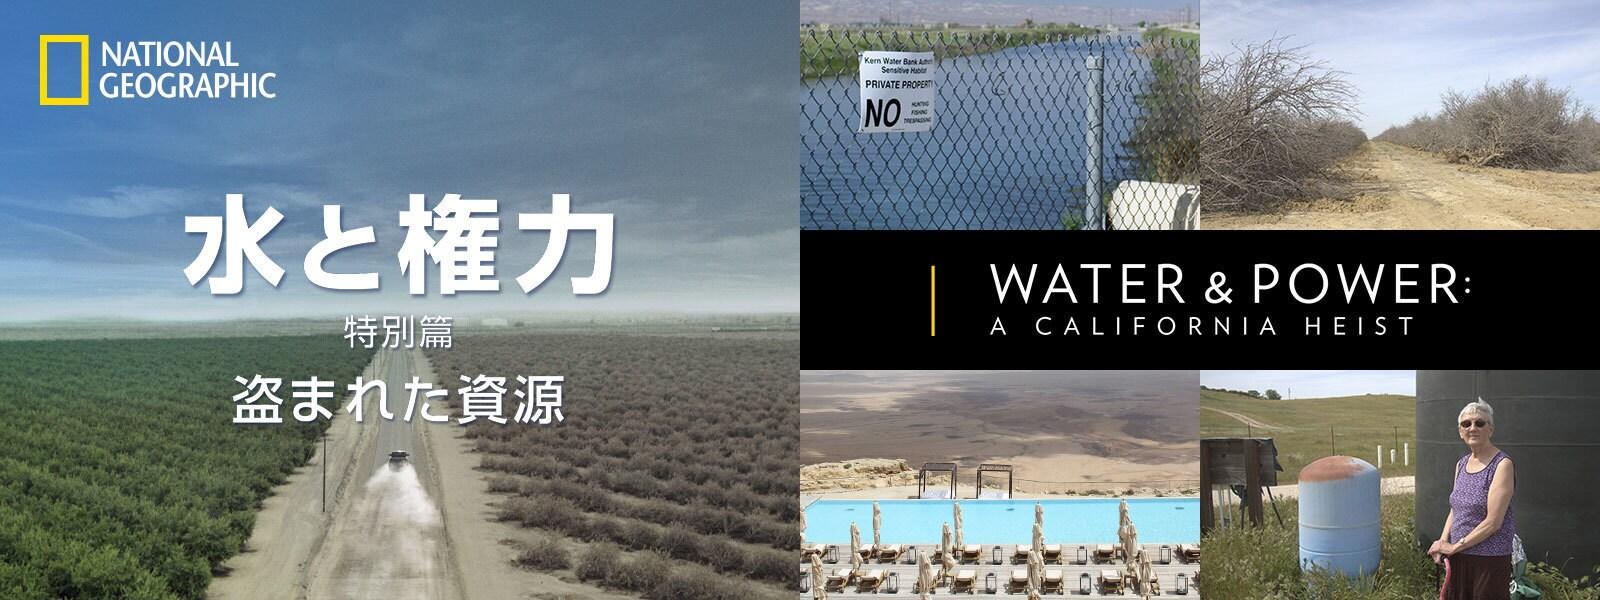 水と権力 特別篇:盗まれた資源 Water and Power: A California Heist Hero Object